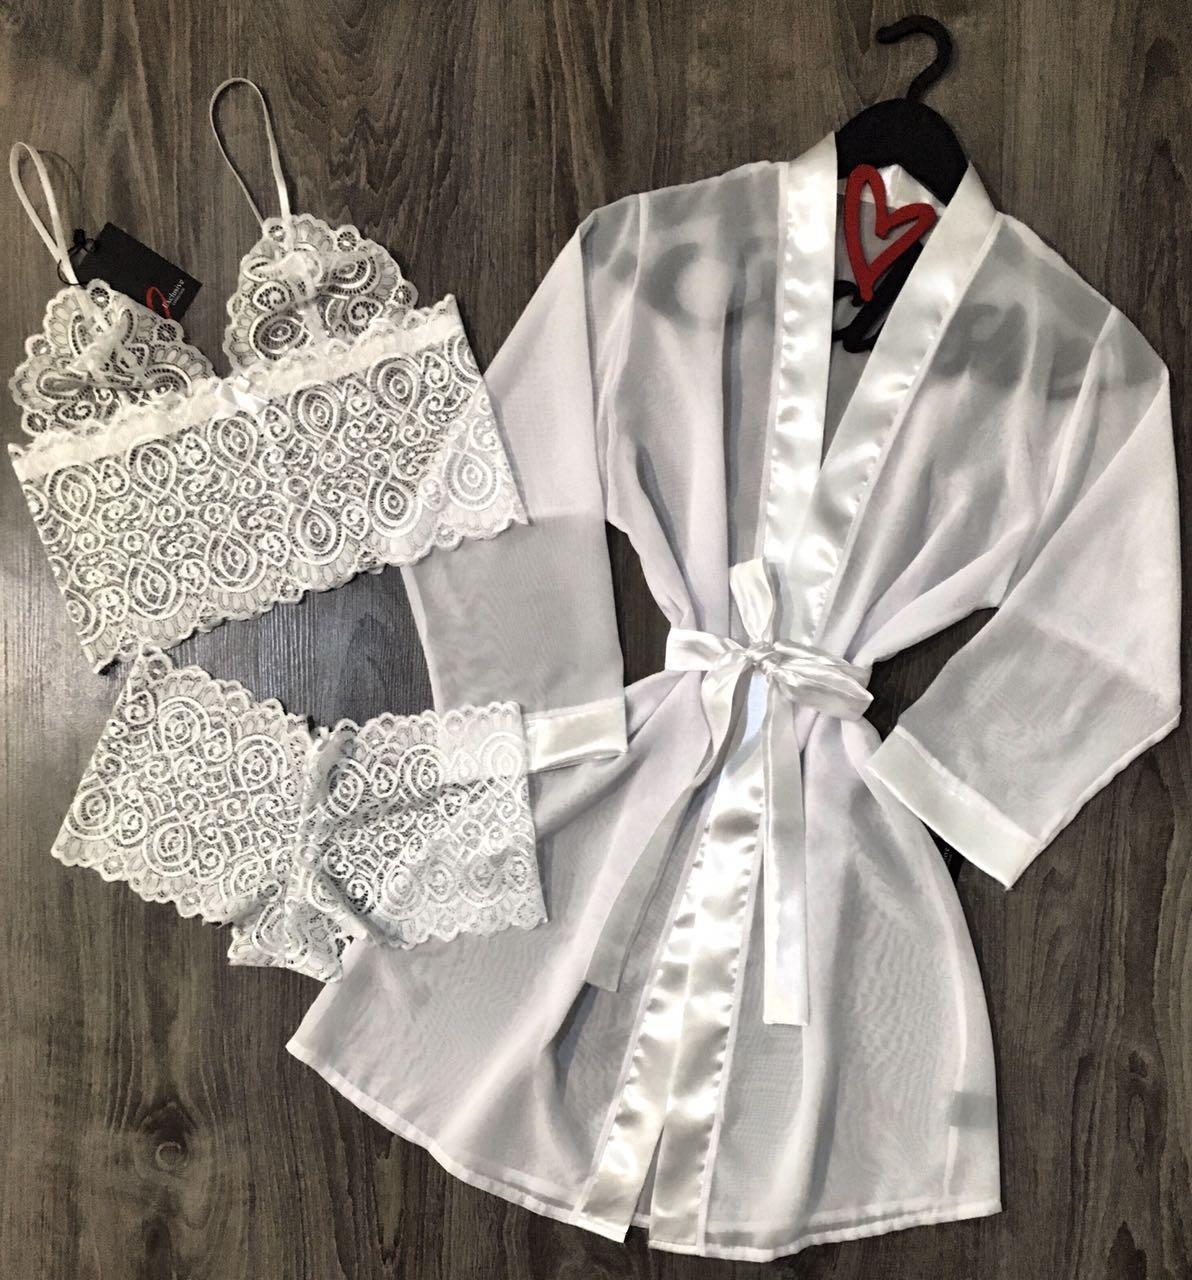 Белый комплект, прозрачный халат+ кружевное белье, набор невеста